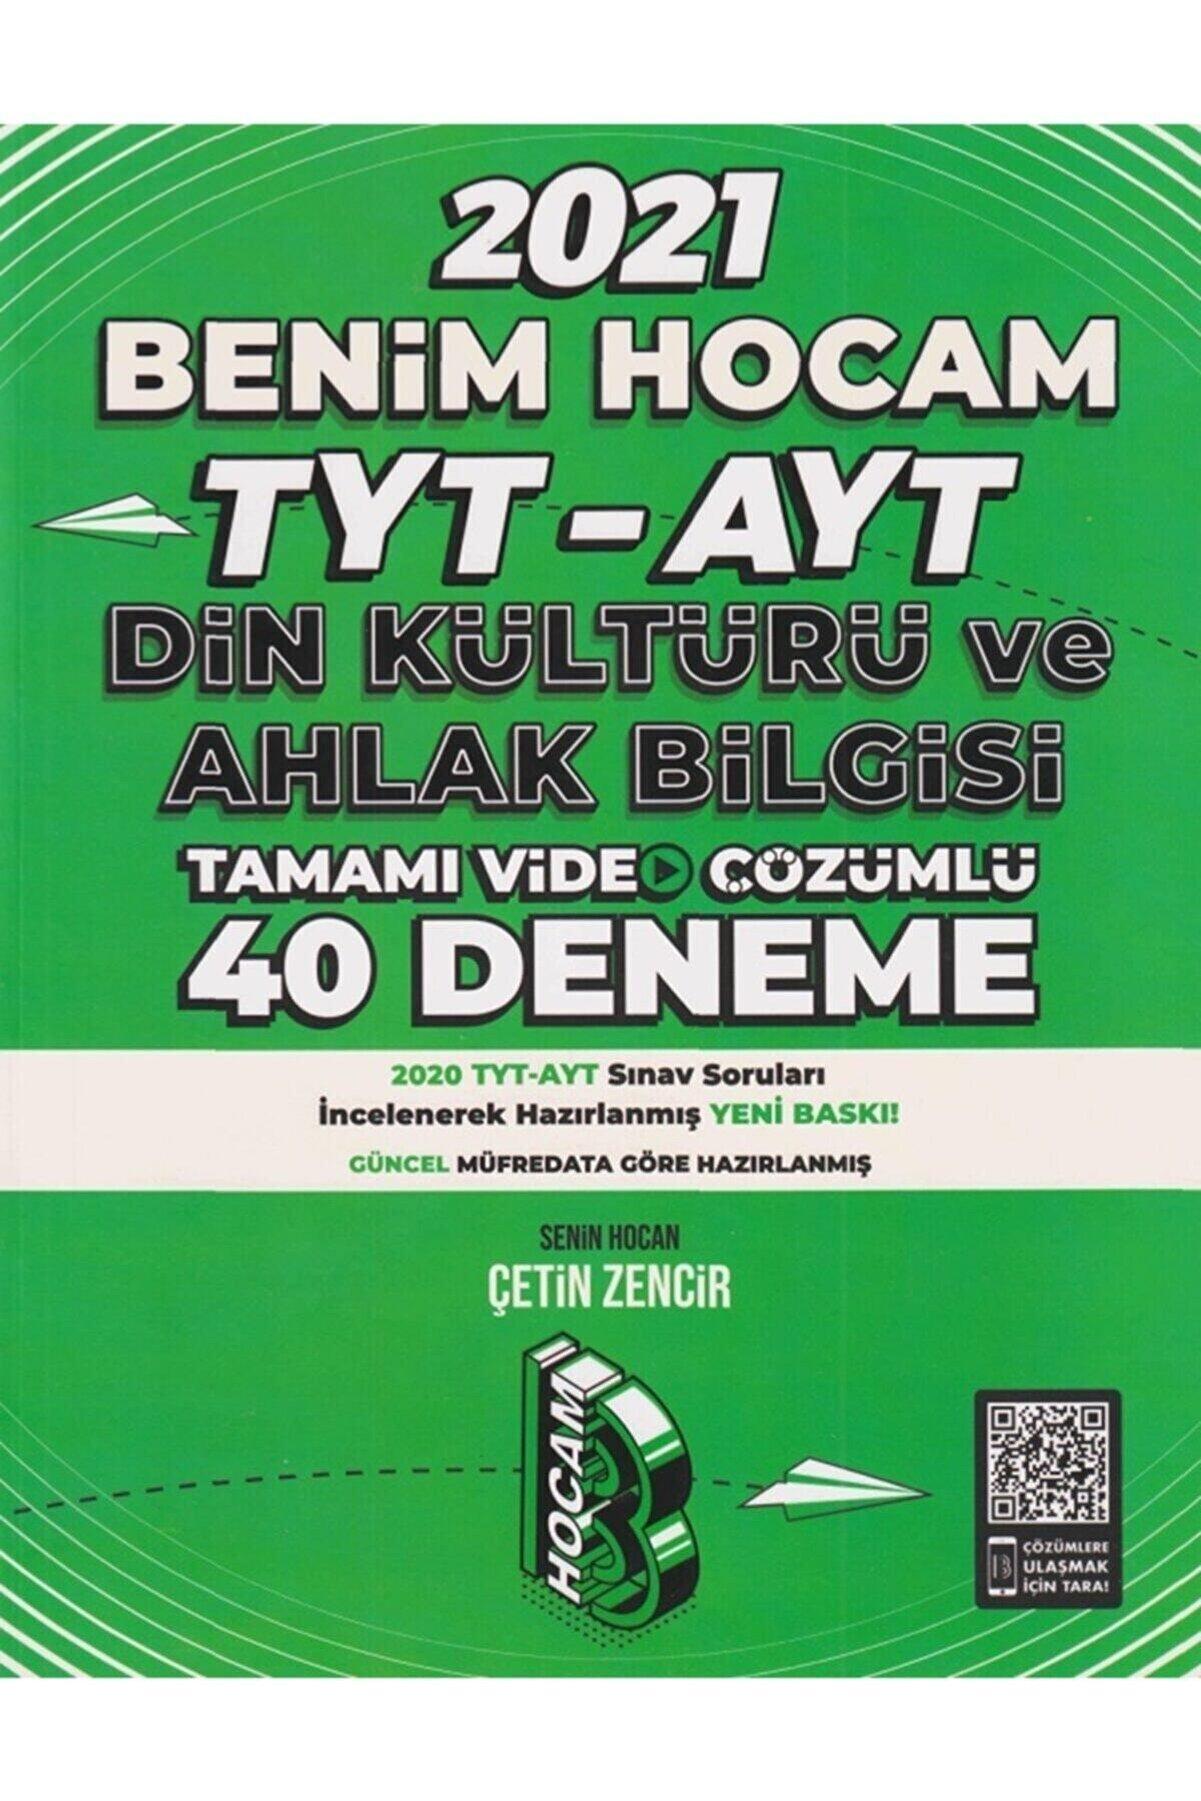 Benim Hocam Yayınları 2021 Tyt Din Kültürü Ve Ahlak Bilgisi Tamamı Video Çözümlü 40 Deneme Sınavı